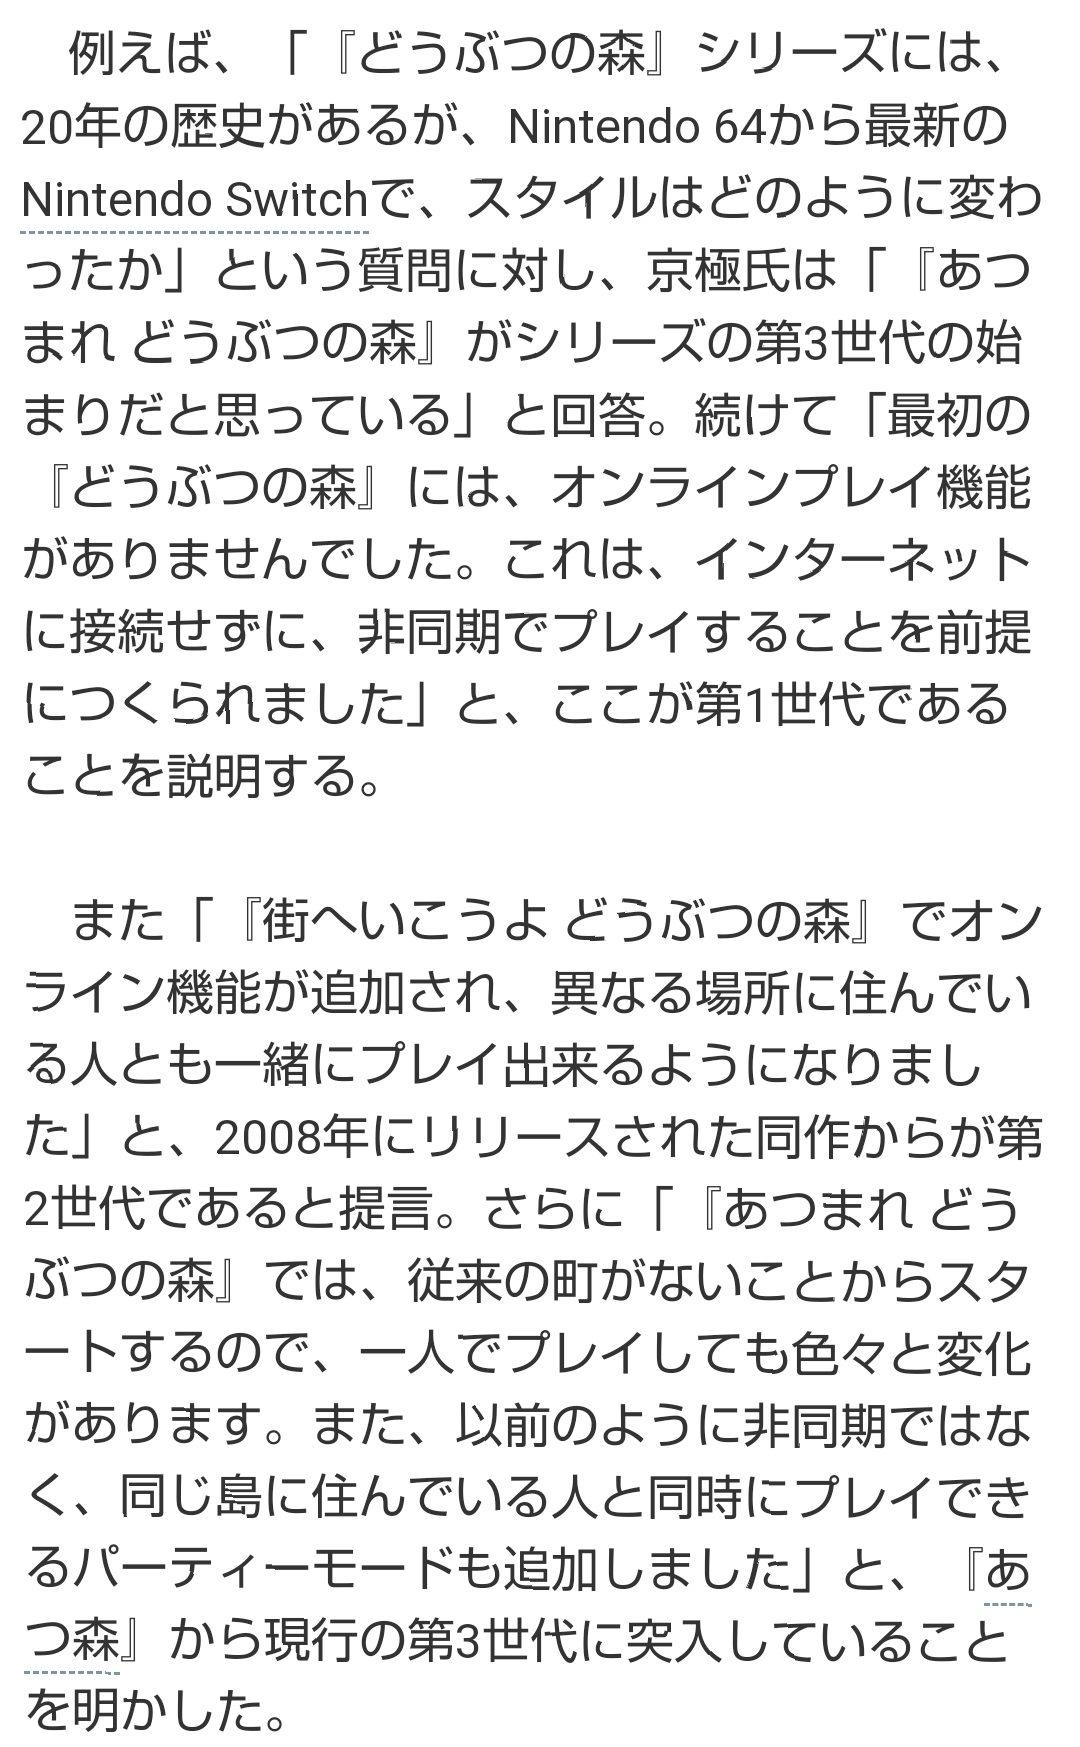 3TuL0yl - 【悲報】あつ森、ガチのマジで誰もやっていない Part.2